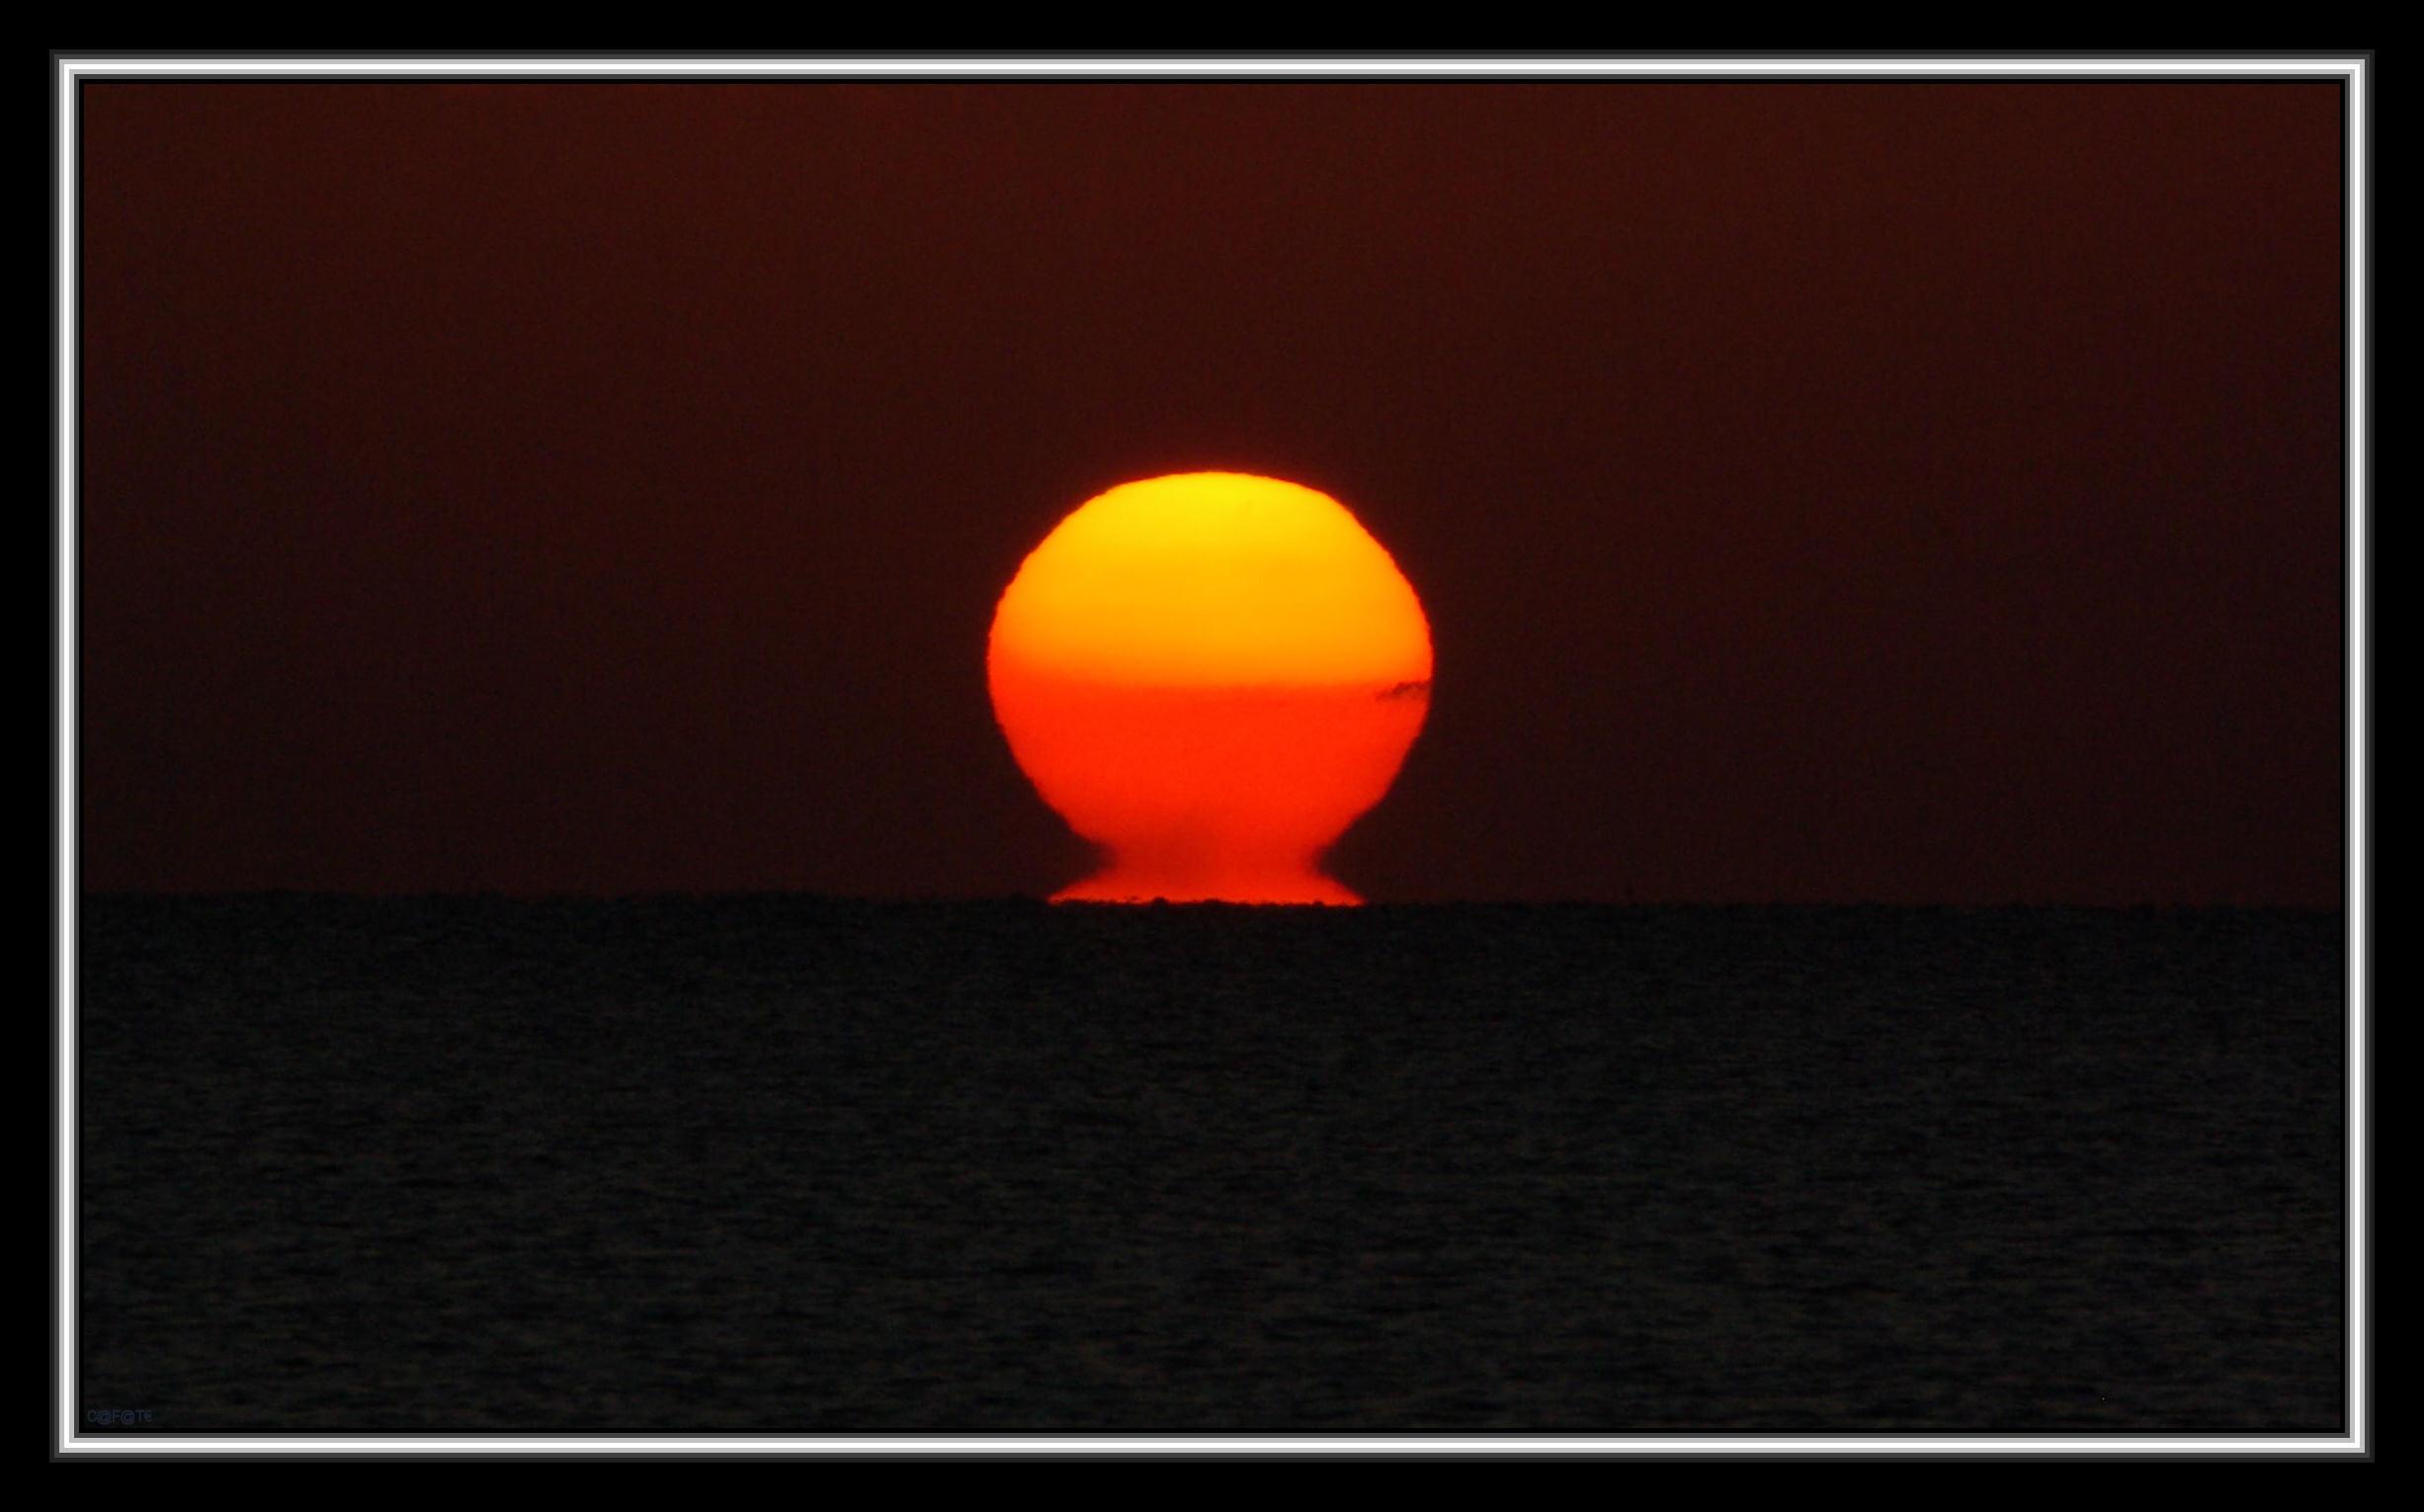 Foto playa Es Trenc. Efecte Solar - Solar Efect - Buy a print in - http://cafate.blogspot.com/